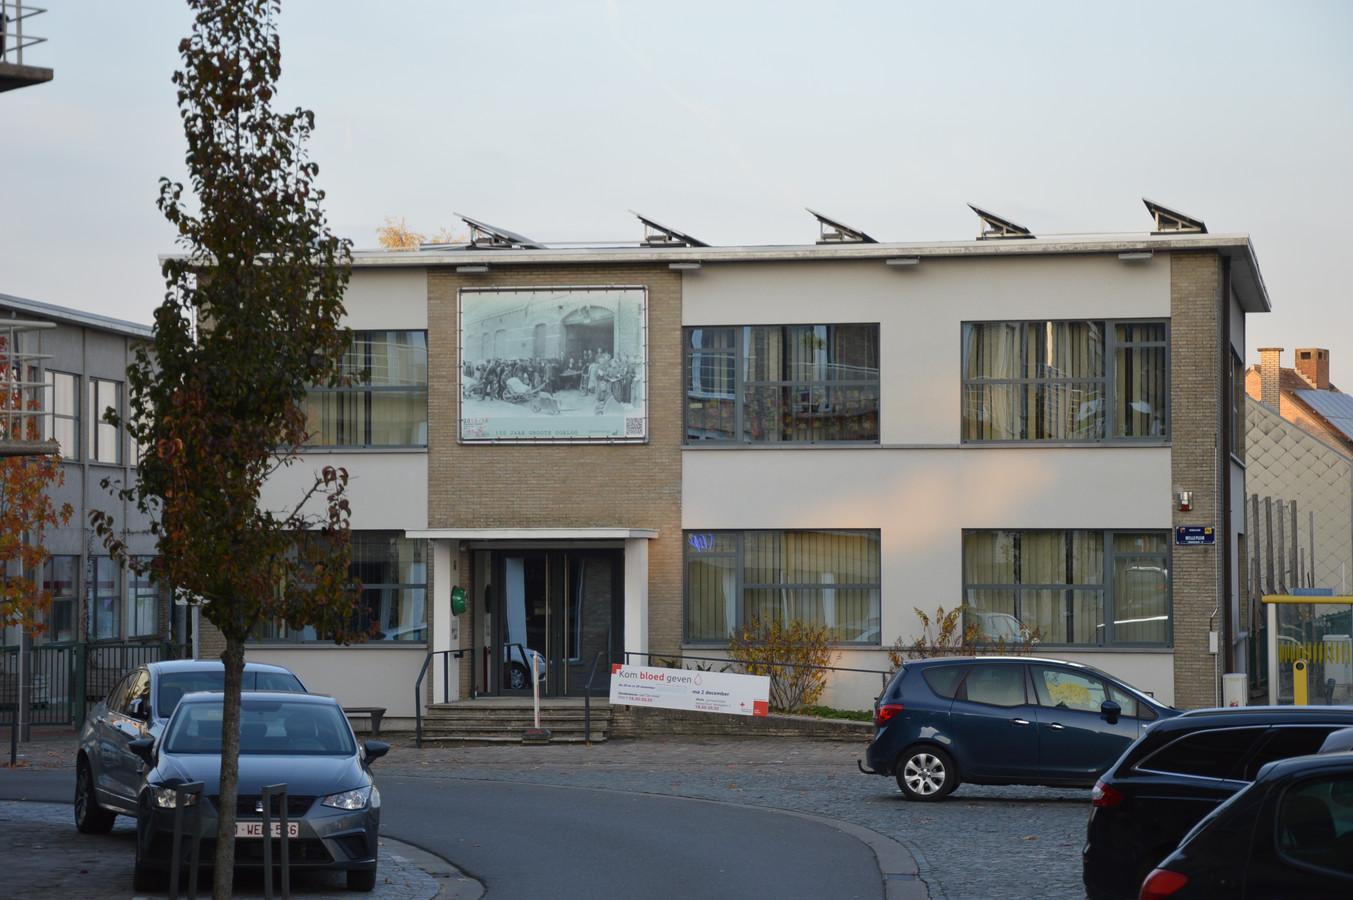 De gemeenteschool in Welle (Denderleeuw)